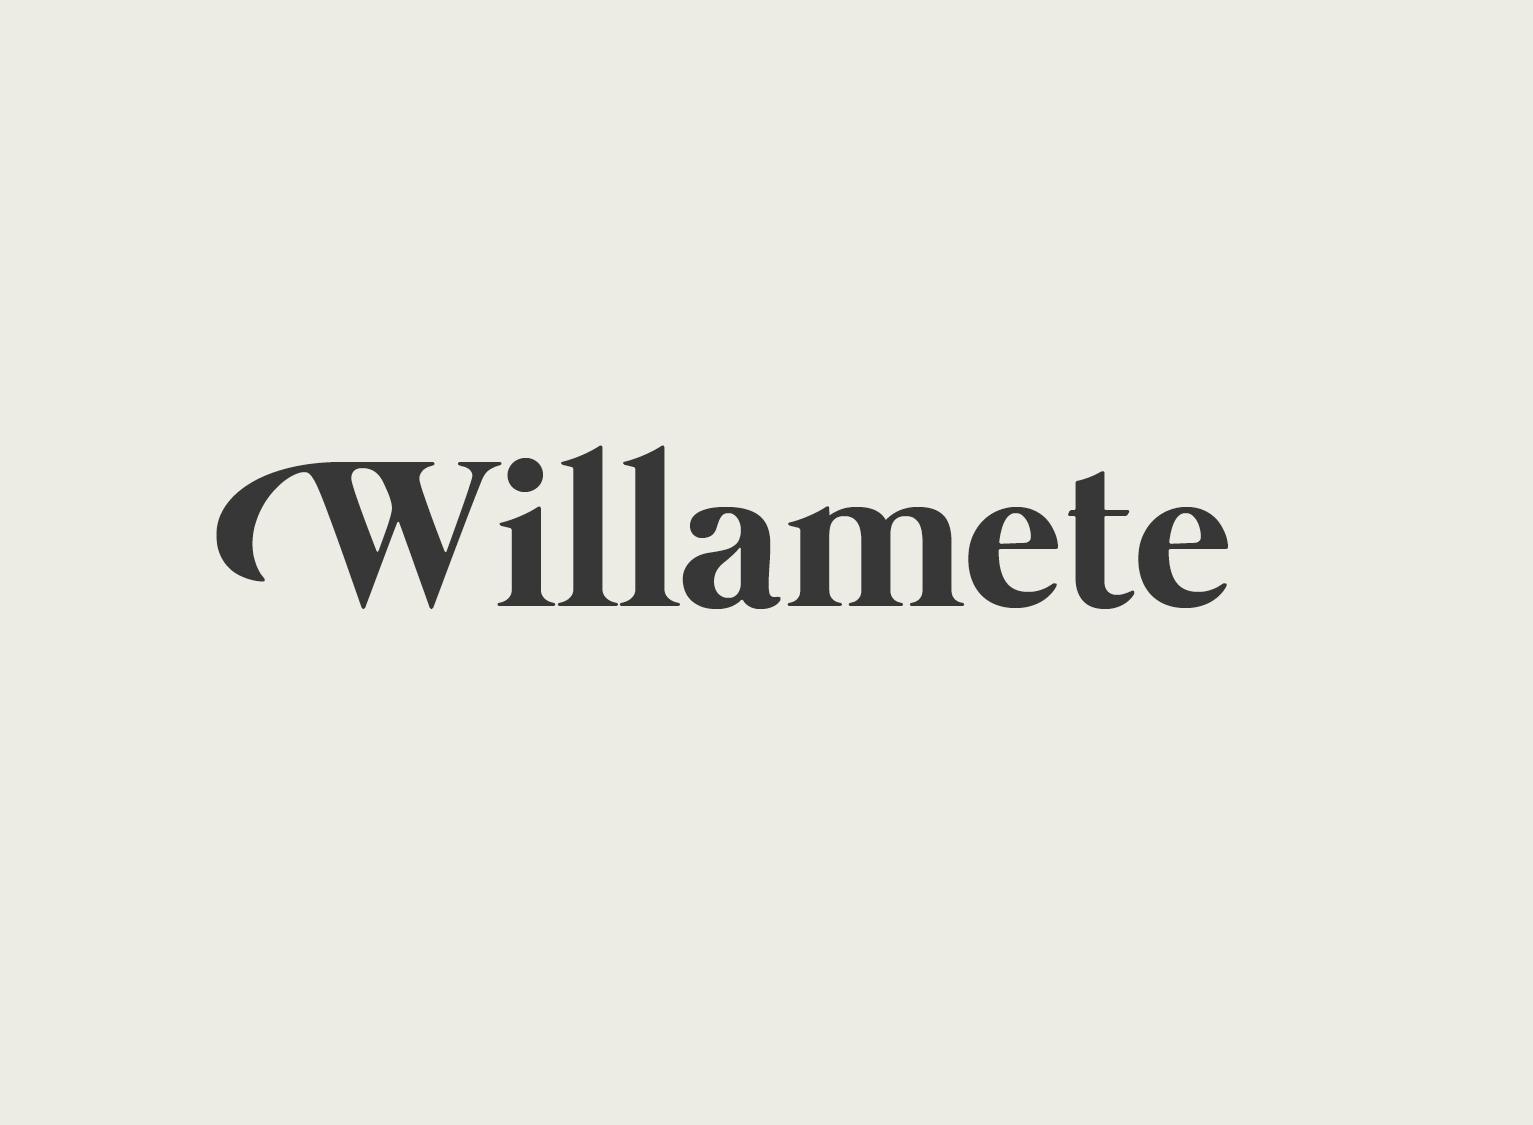 WILLAMETE